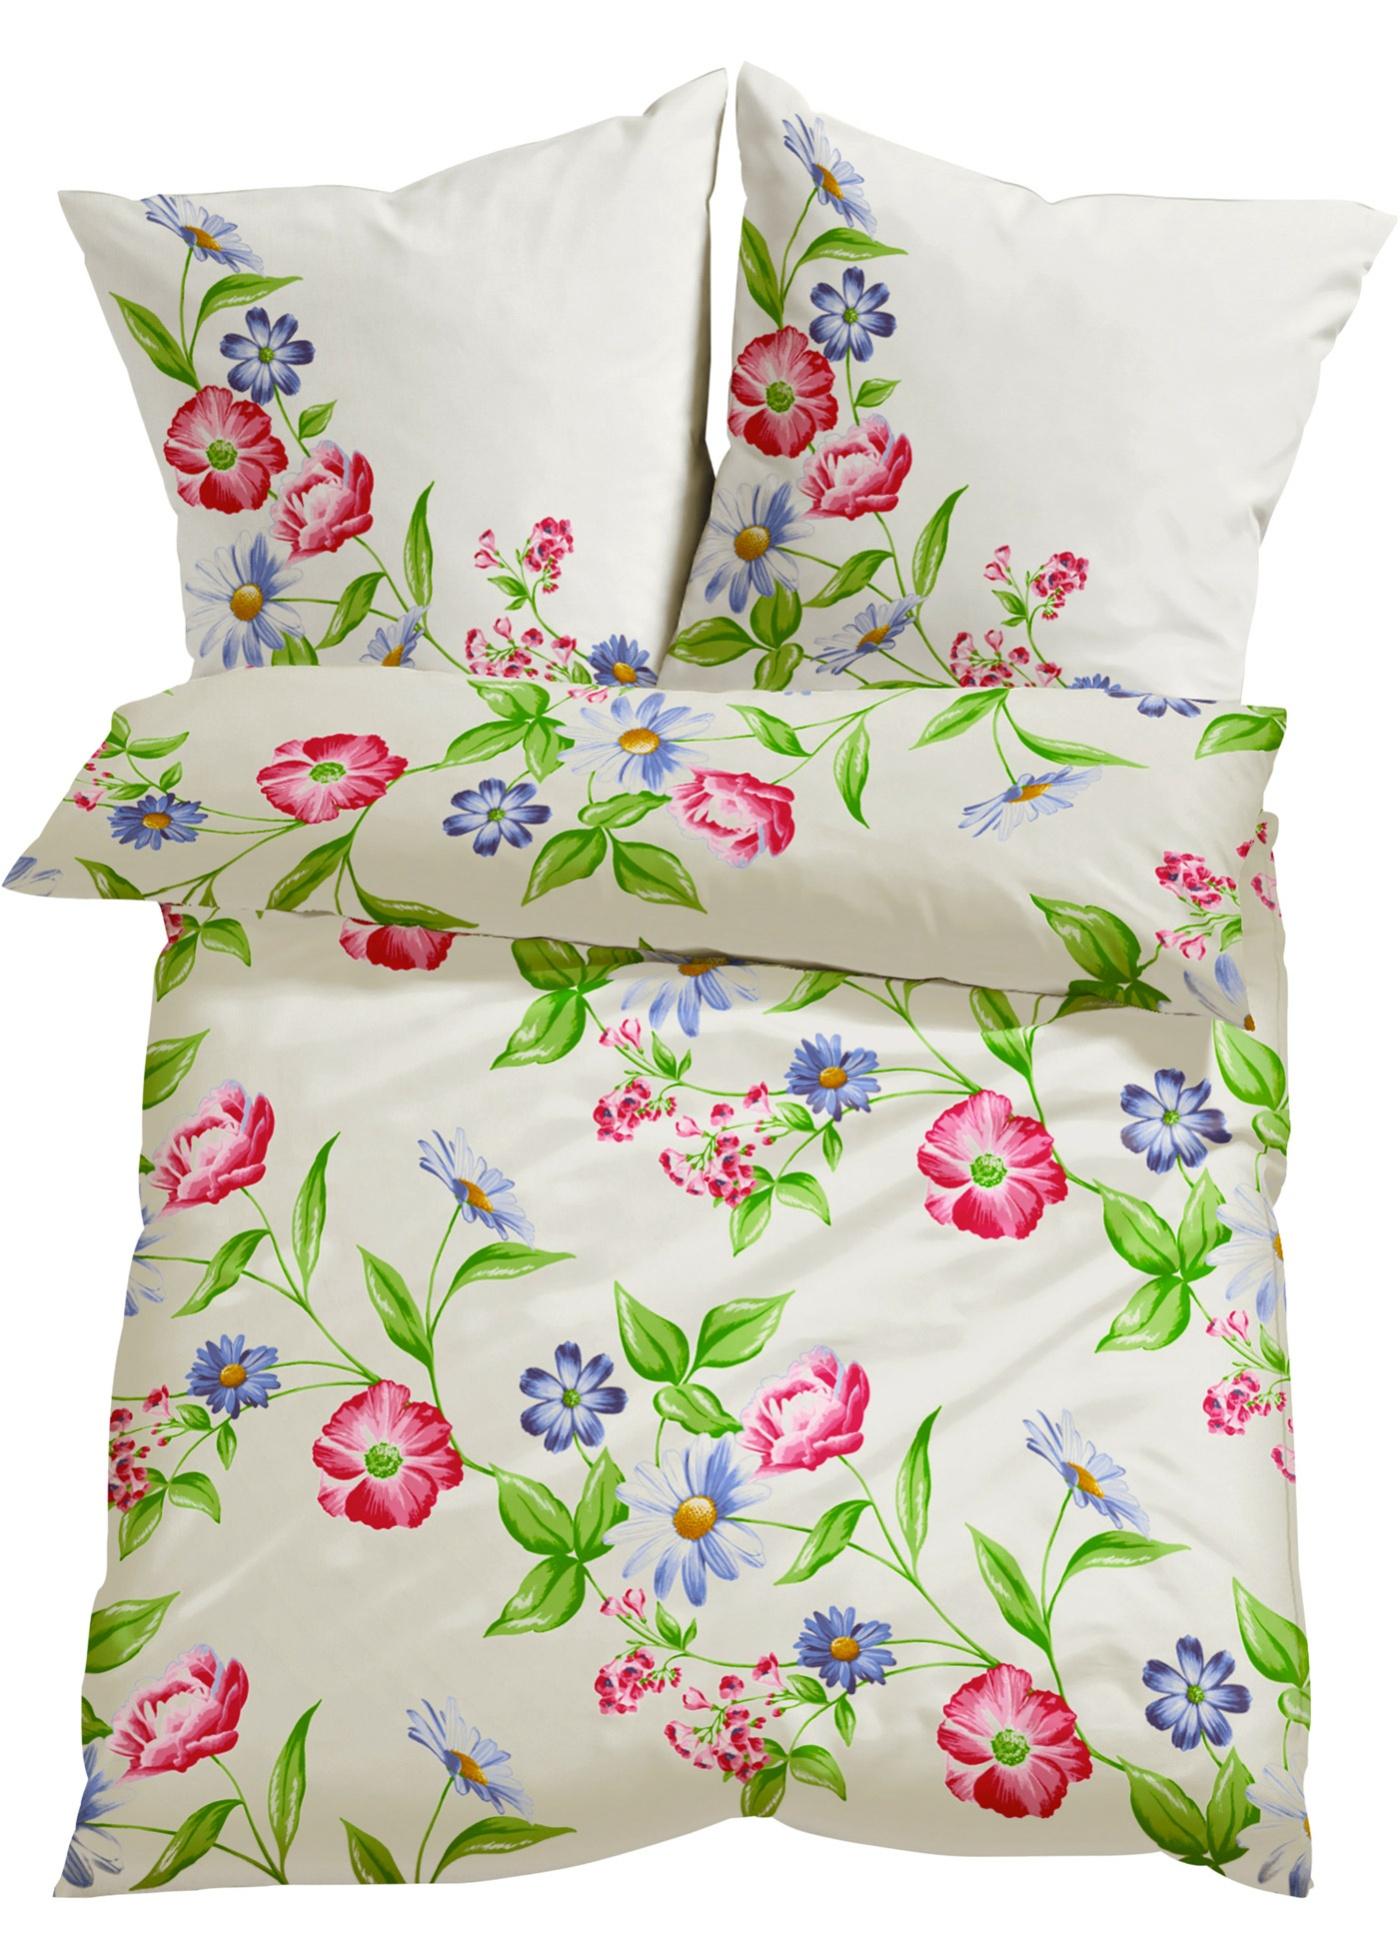 Parure de lit Pluie de fleurs, linon